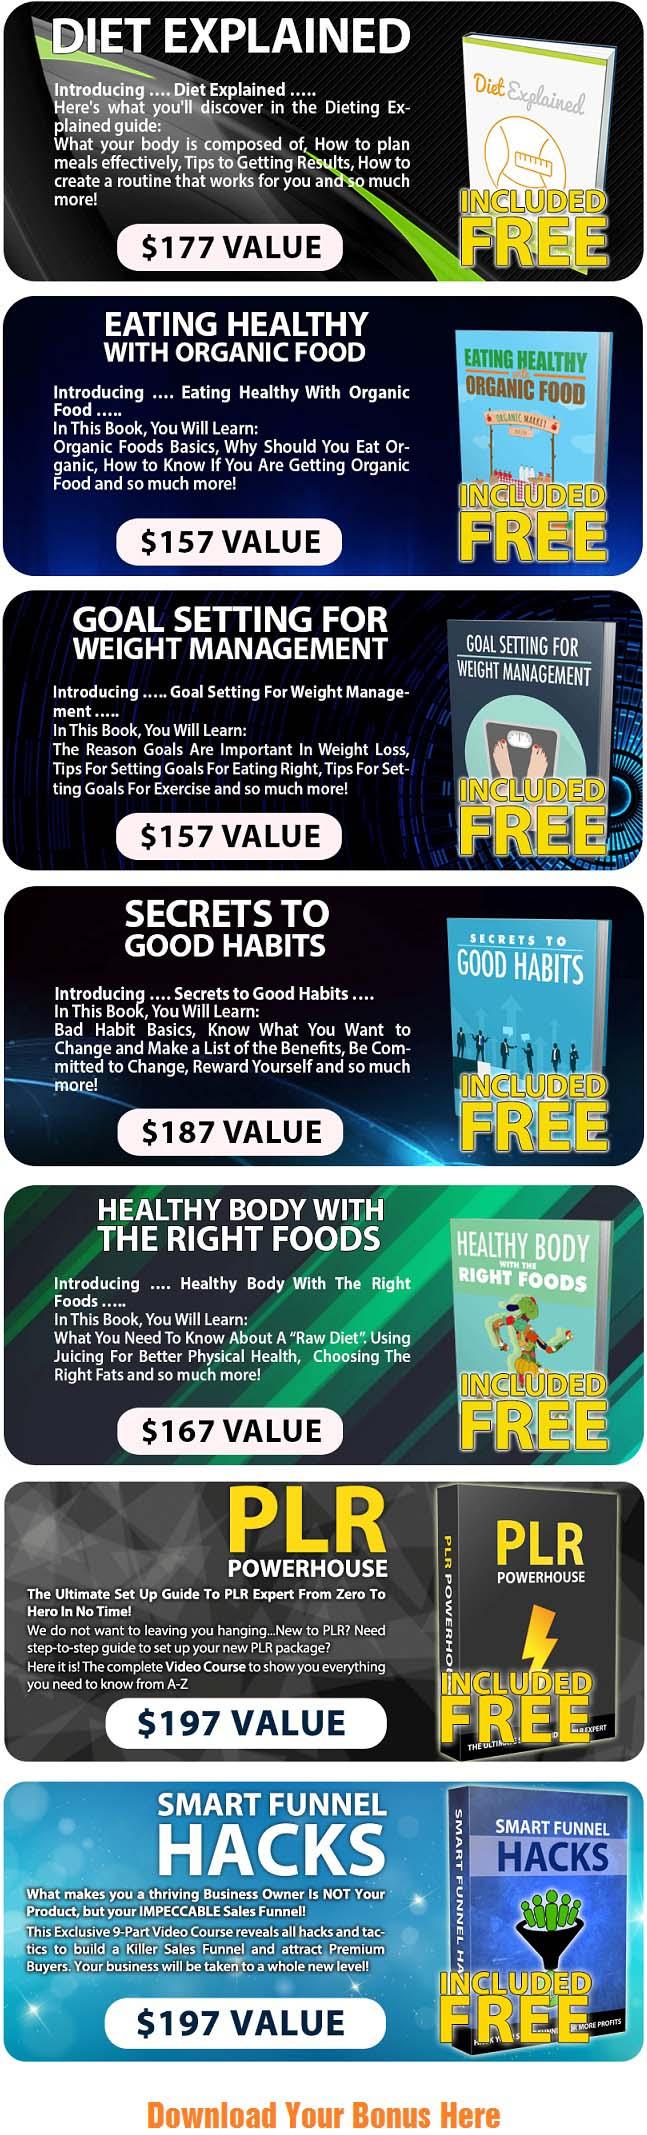 Binge Proof Lifestyle PLR Bonus